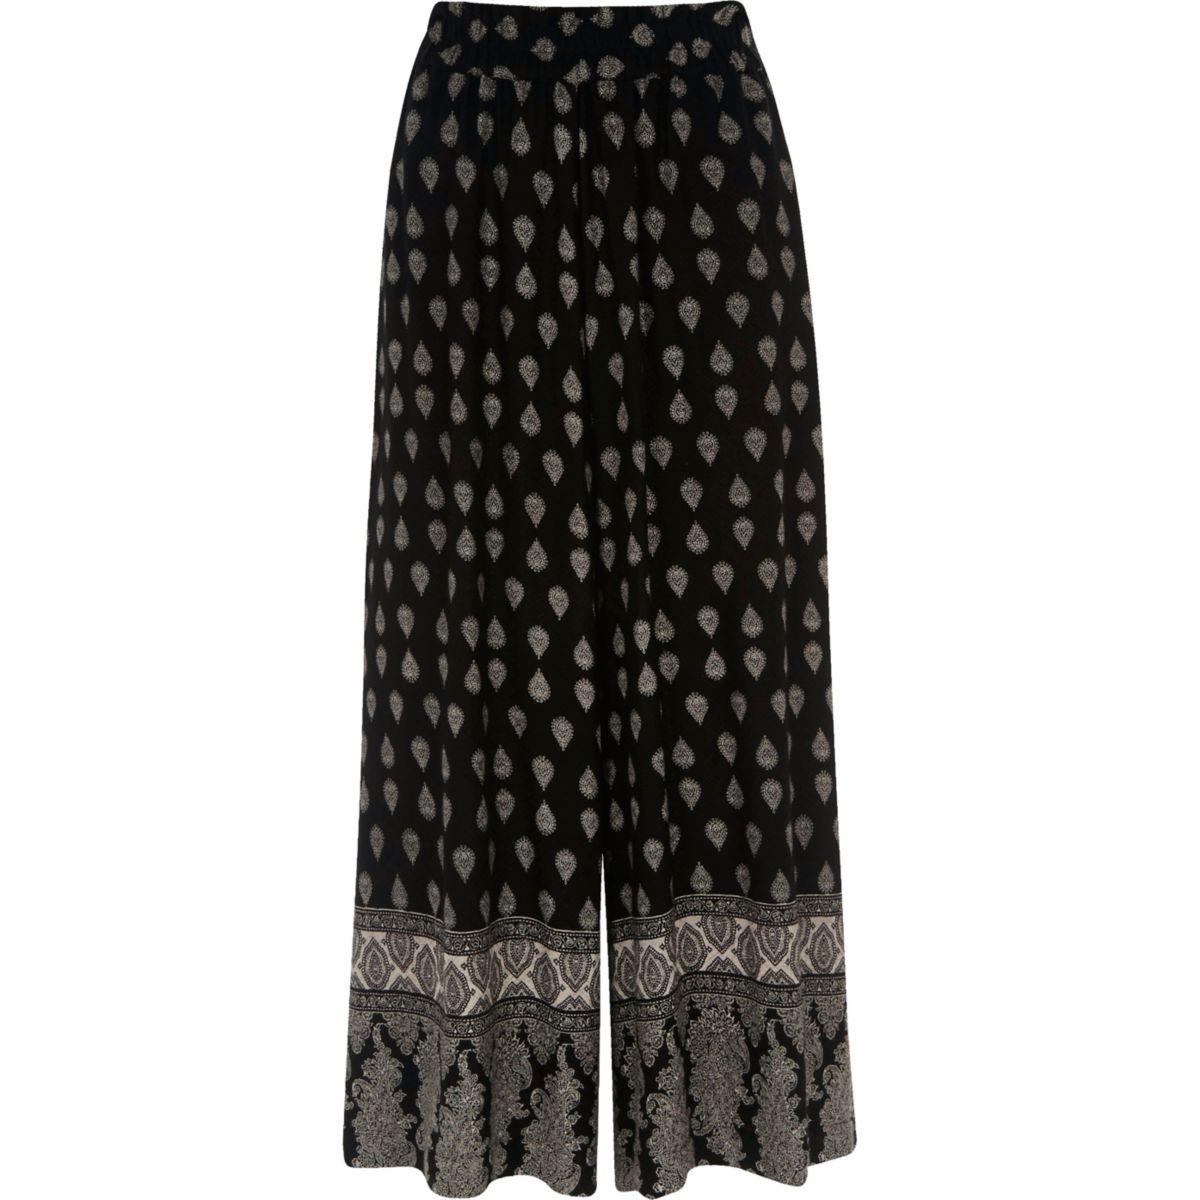 Jupe-culotte imprimé mosaïque noire